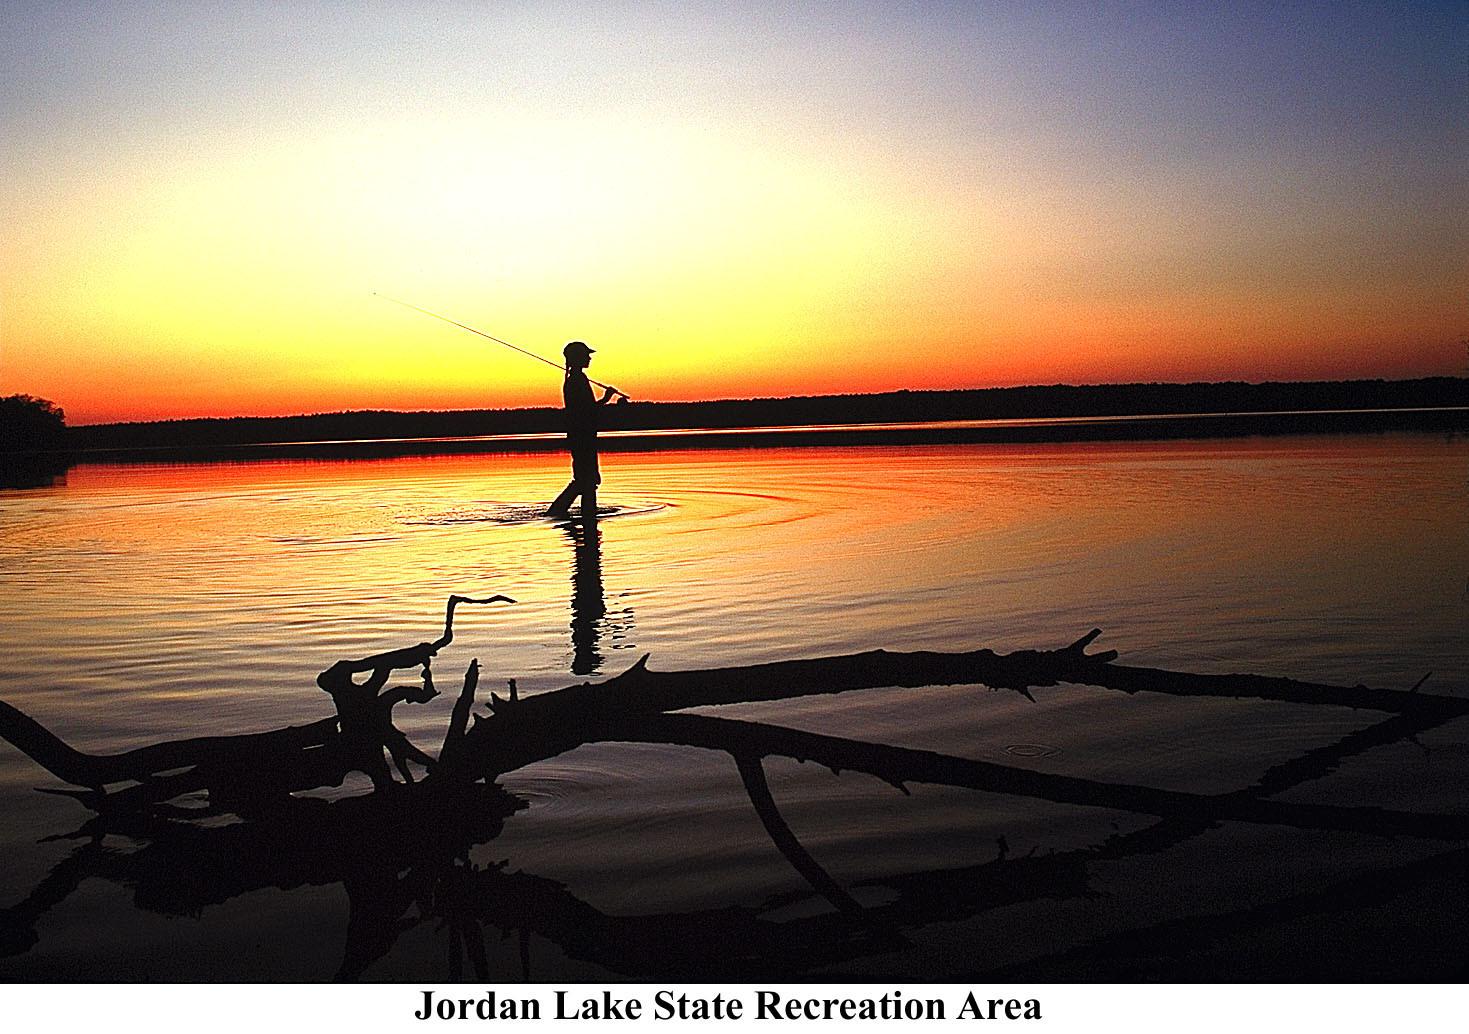 Fishing at Jordan Lake State Recreation Area